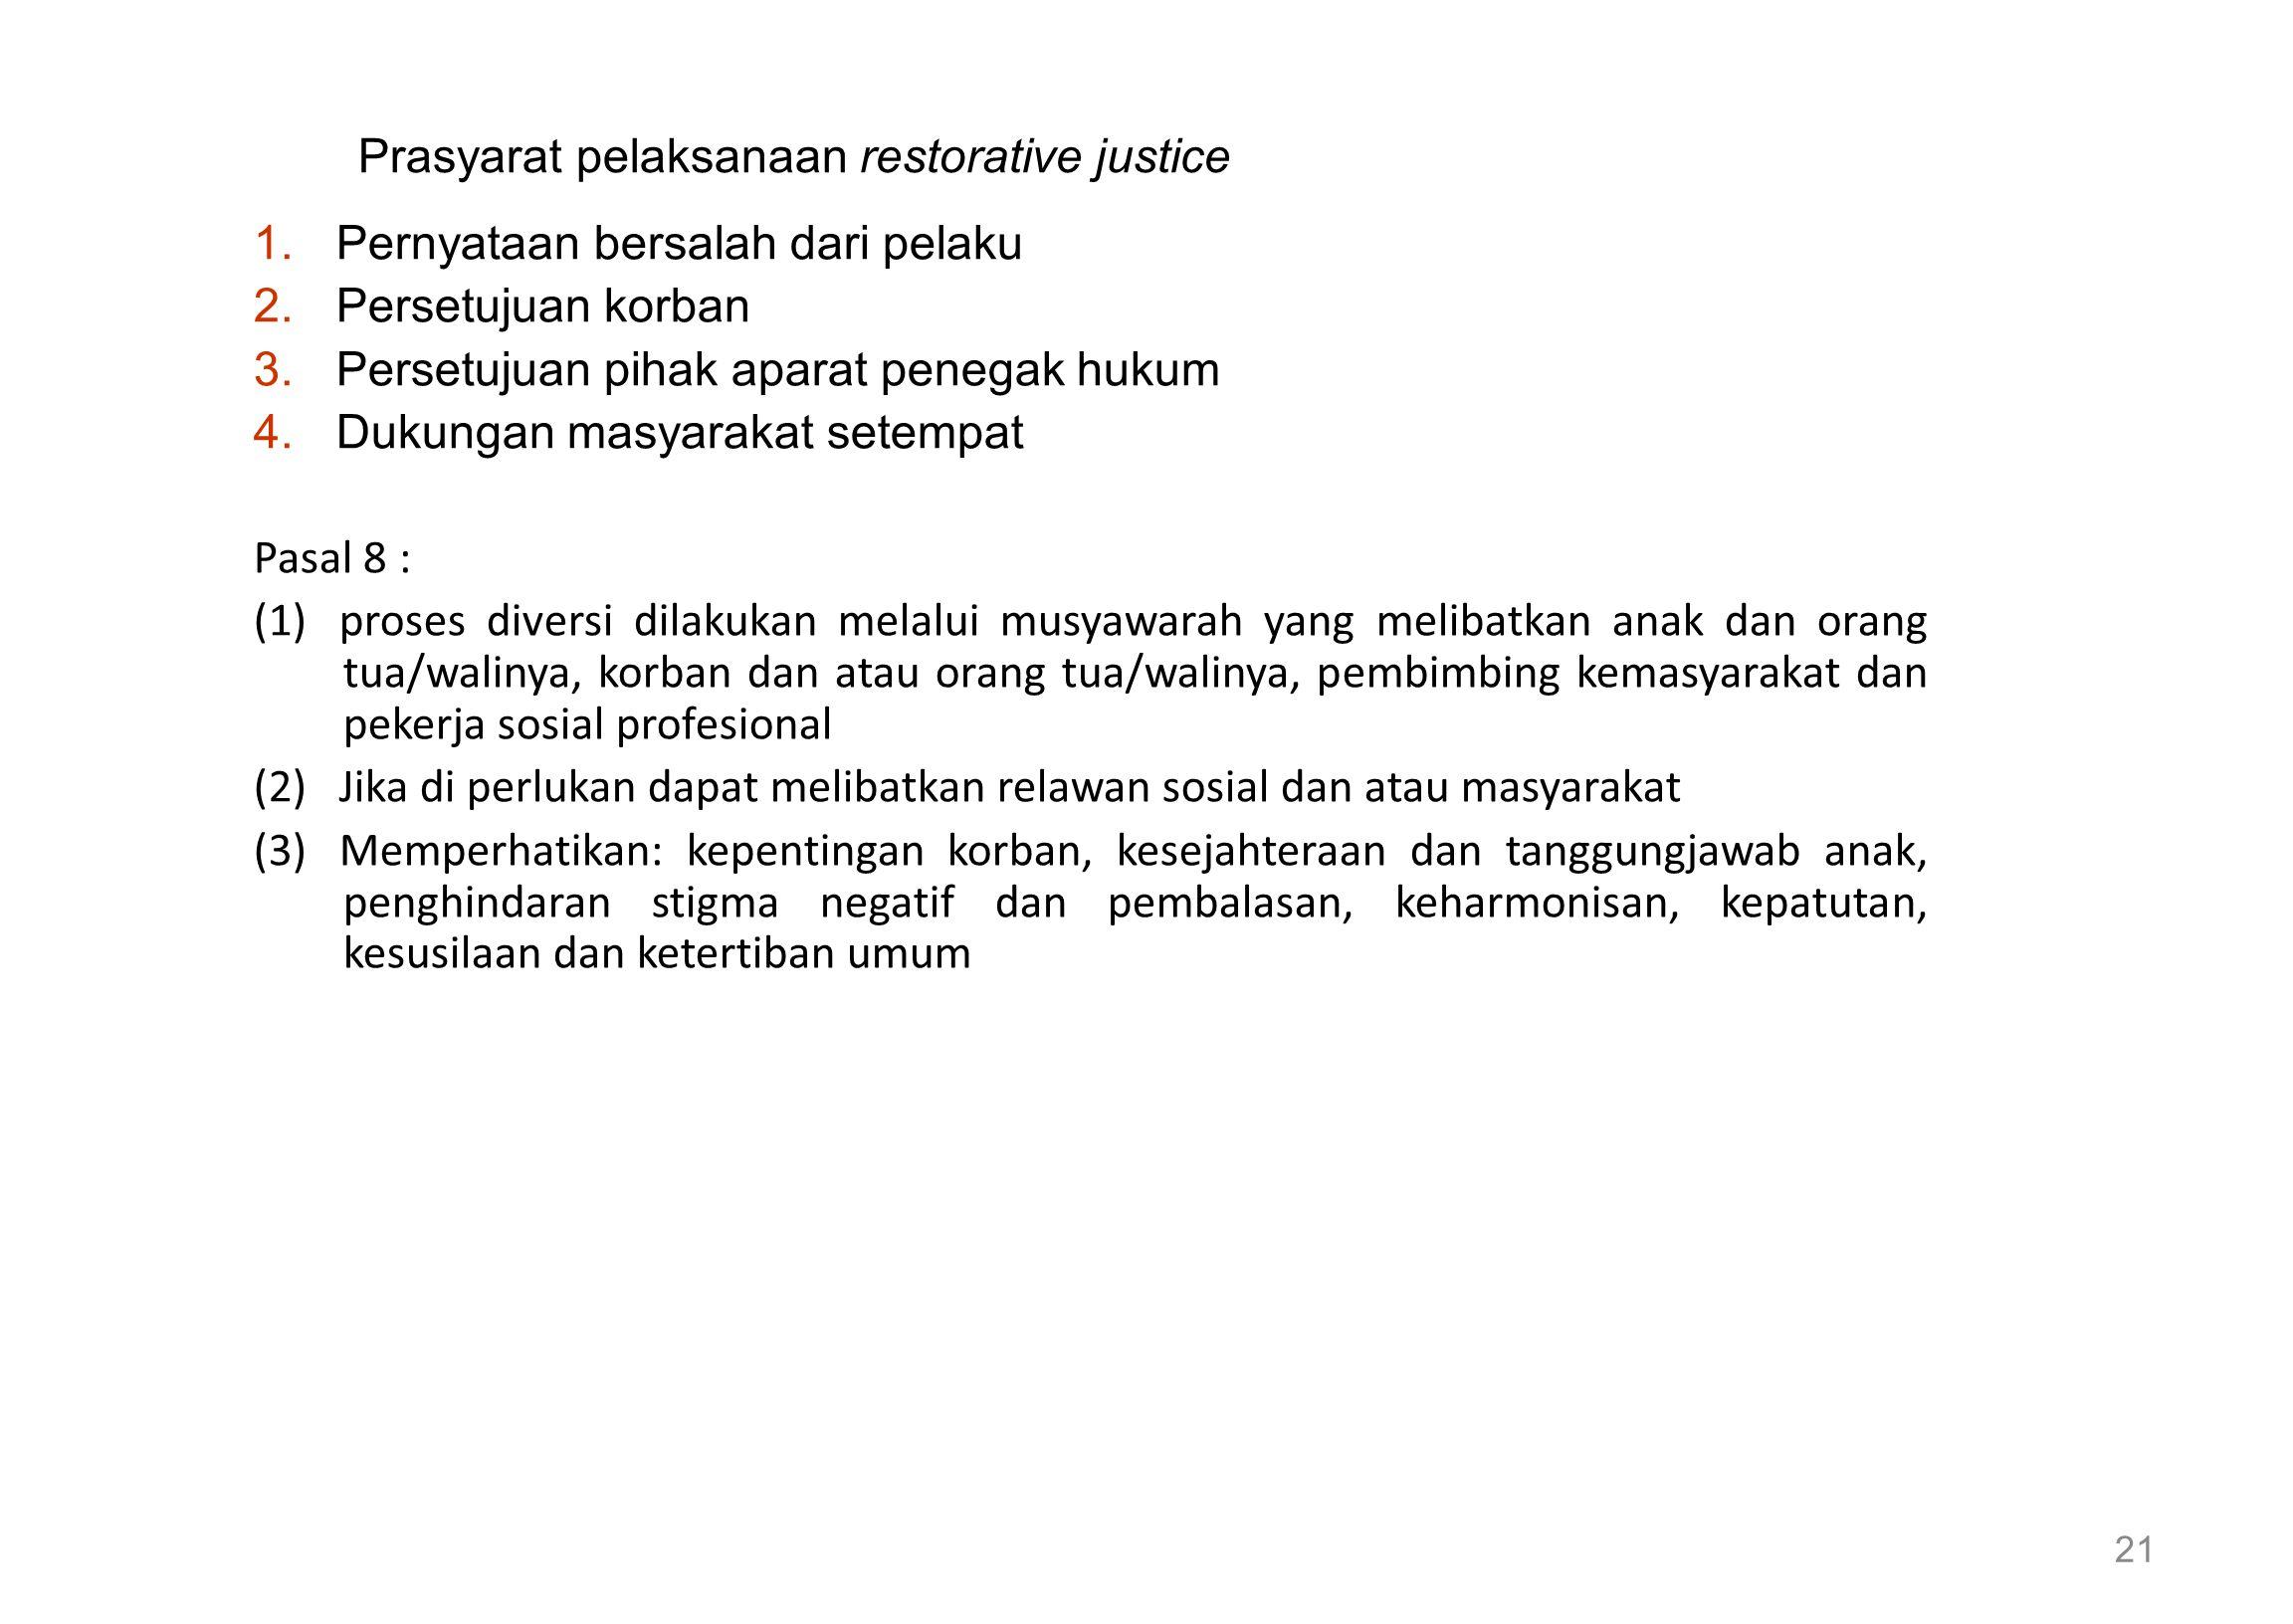 Prasyarat pelaksanaan restorative justice